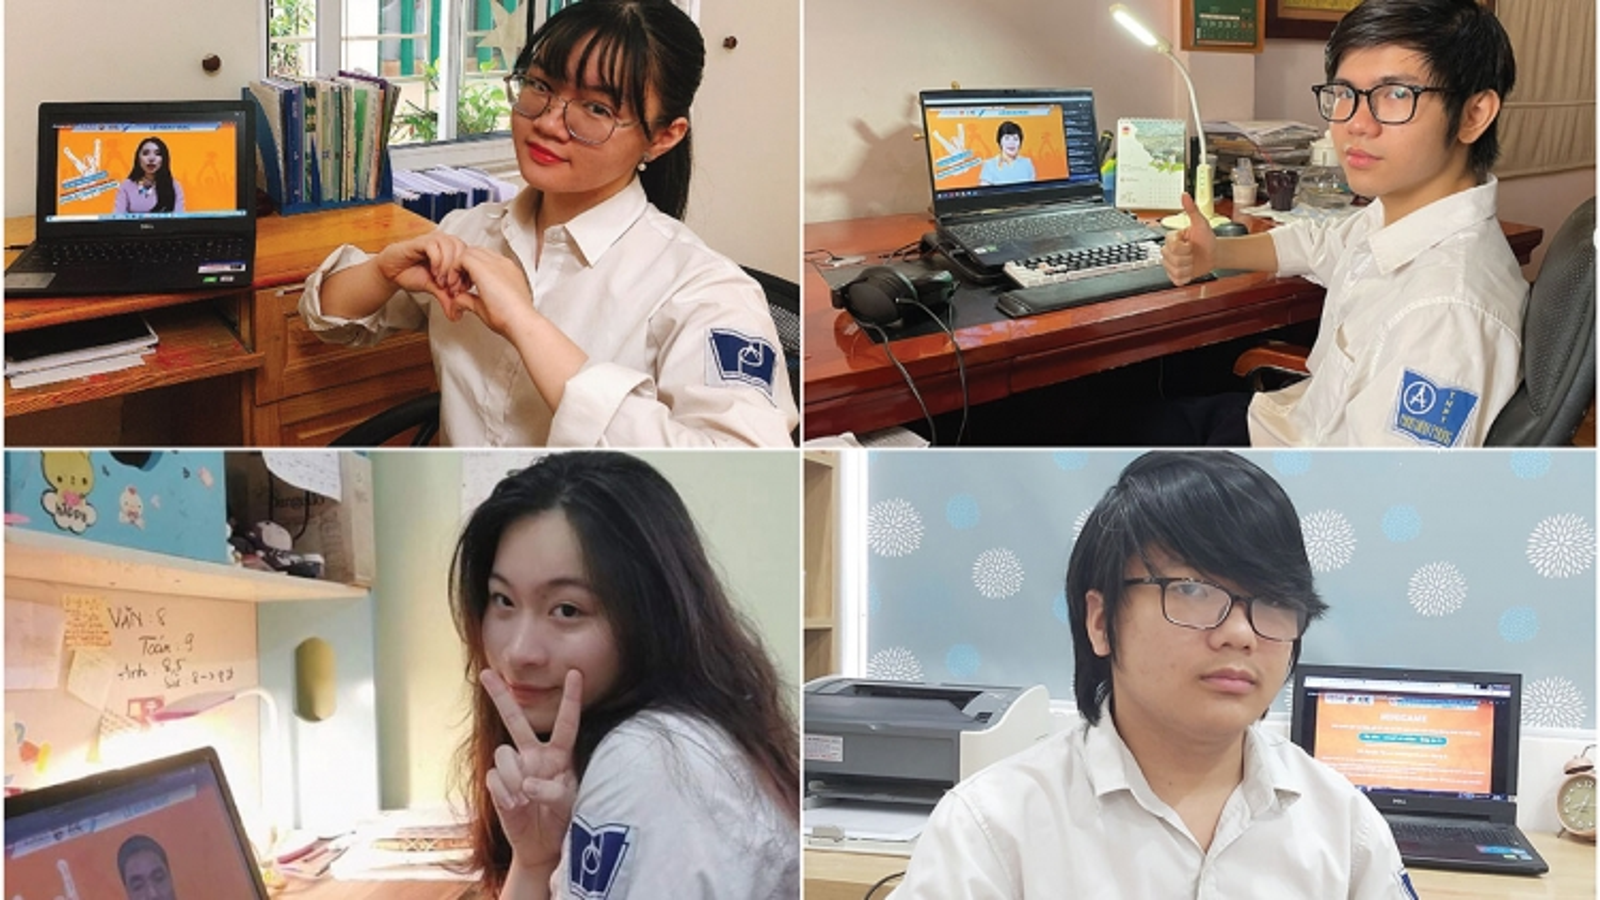 6 nhà vô địch quốc gia sẽ tham dự cuộc thi Vô địch Tin học Văn phòng Thế giới